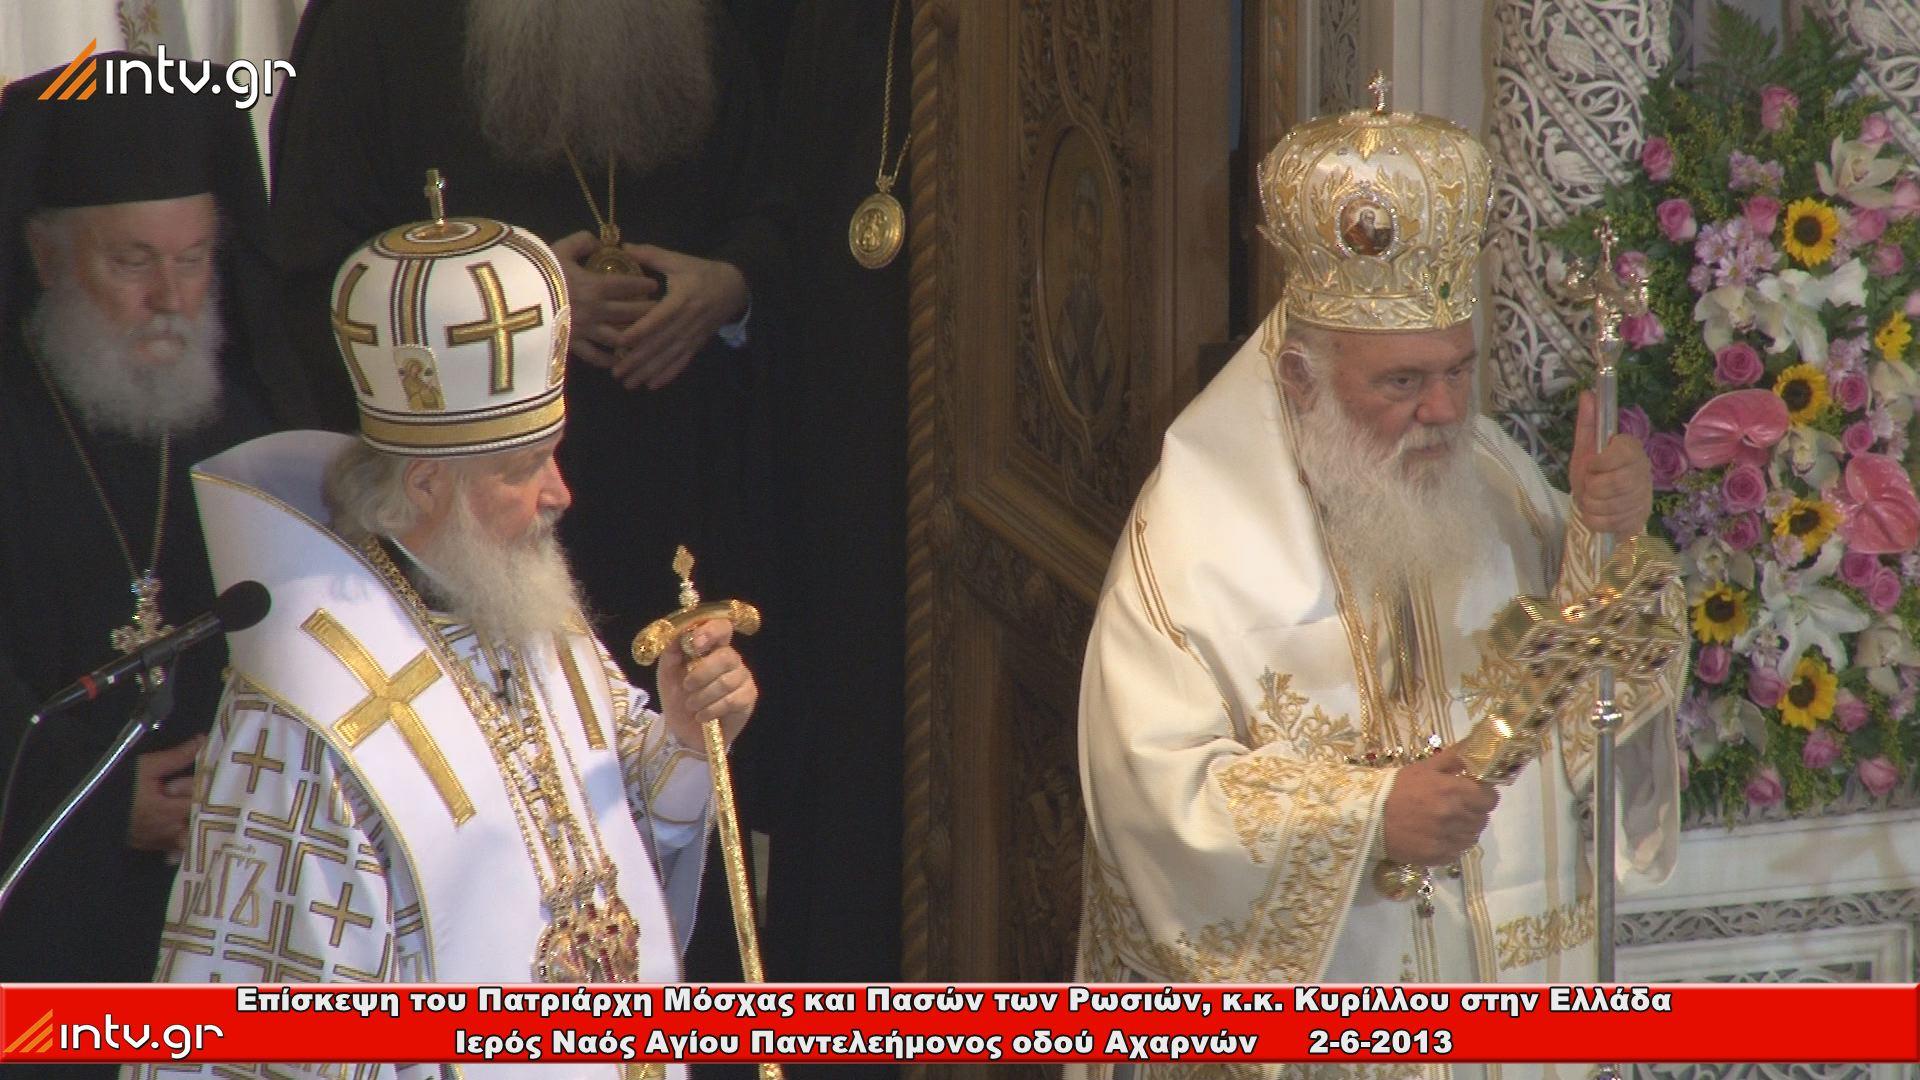 Επίσκεψη του Πατριάρχη Μόσχας και Πασών των Ρωσιών, κ.κ. Κυρίλλου στην Ελλάδα - 2η ημέρα. - Ι. Ν. Αγίου Παντελεήμονος οδού Αχαρνών.